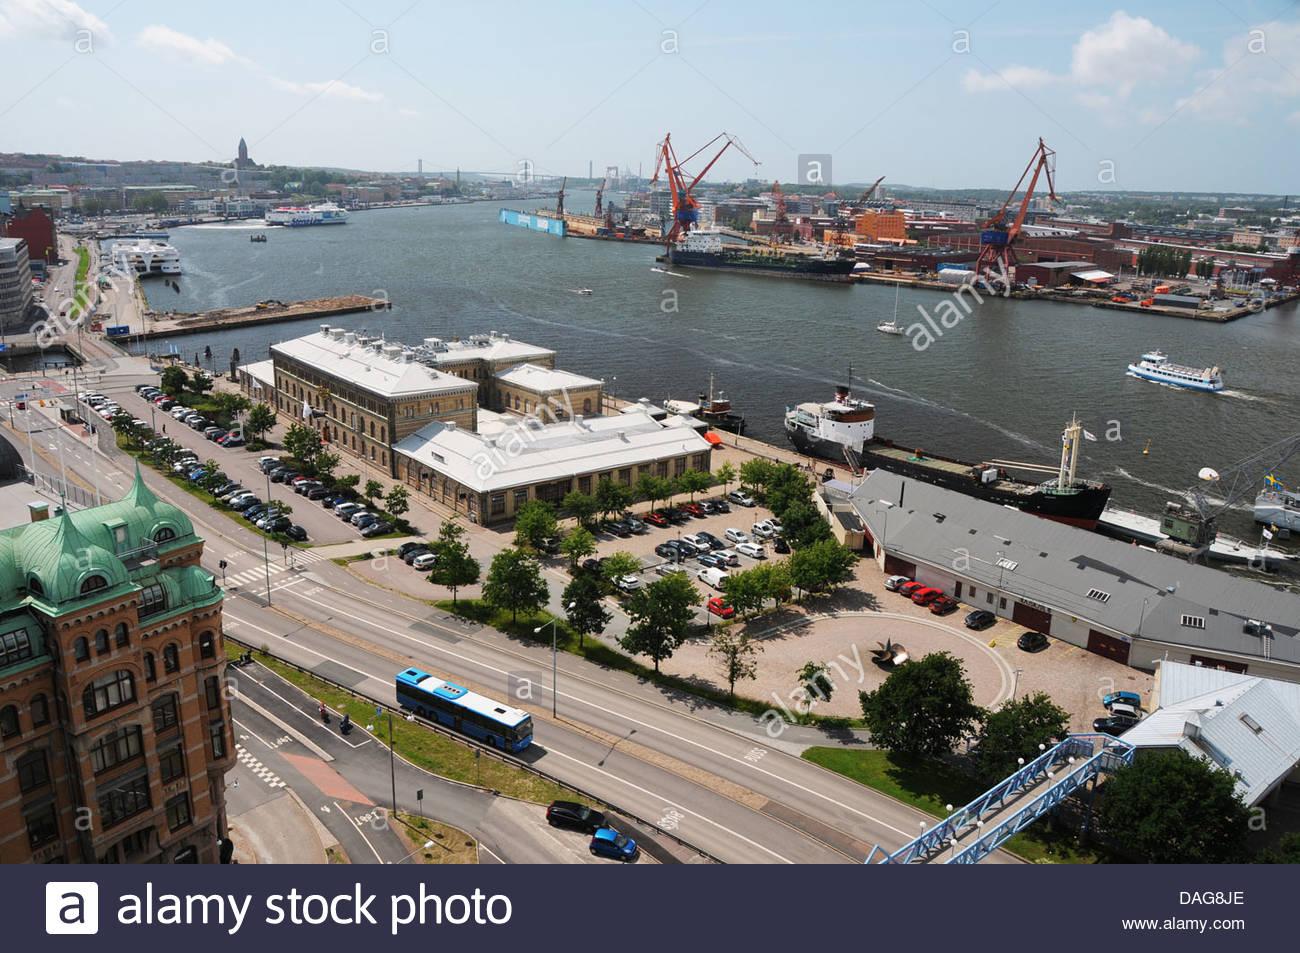 Übersicht der Passagier Fähren und Schiffe im Hafen von Gothhenburg oder Göteborg an der schwedischen Stockbild